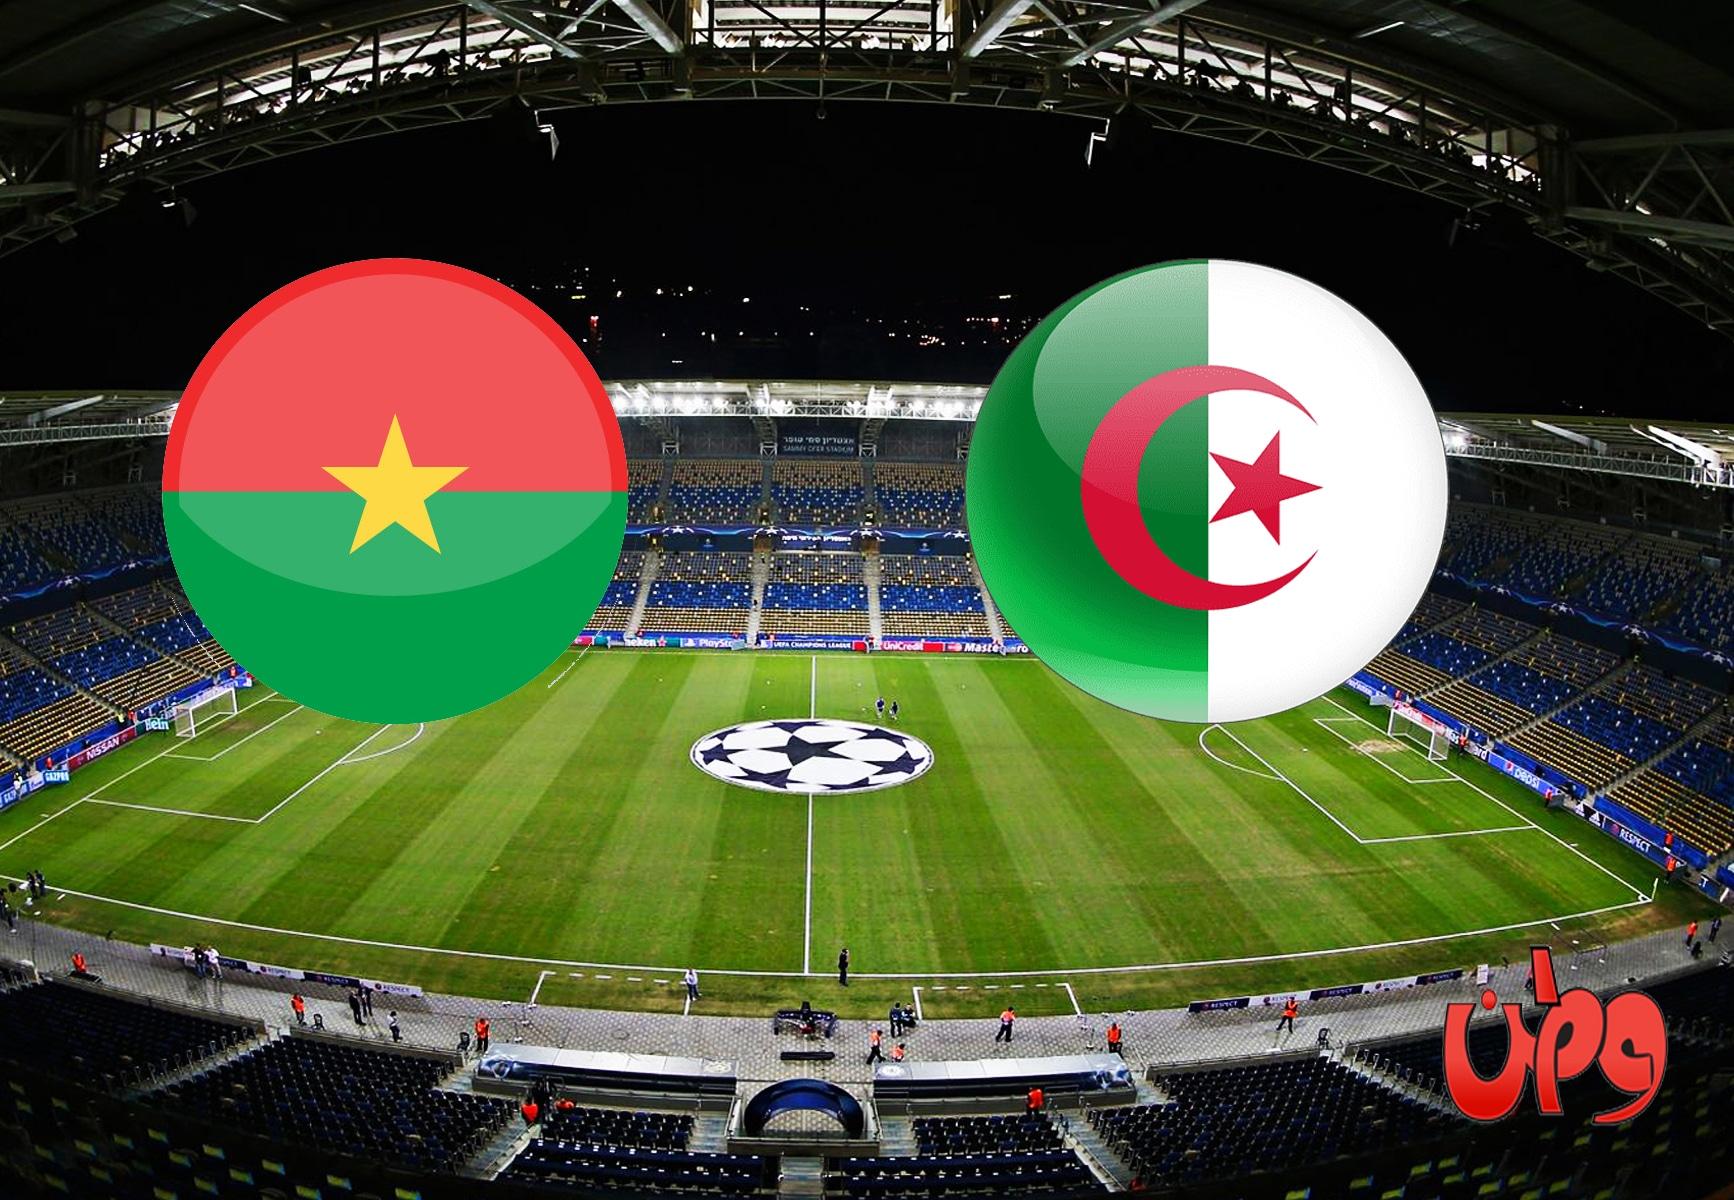 مباراة منتخب الجزائر وبوركينا فاسو في تصفيات أفريقيا لمونديال كأس العالم 2022